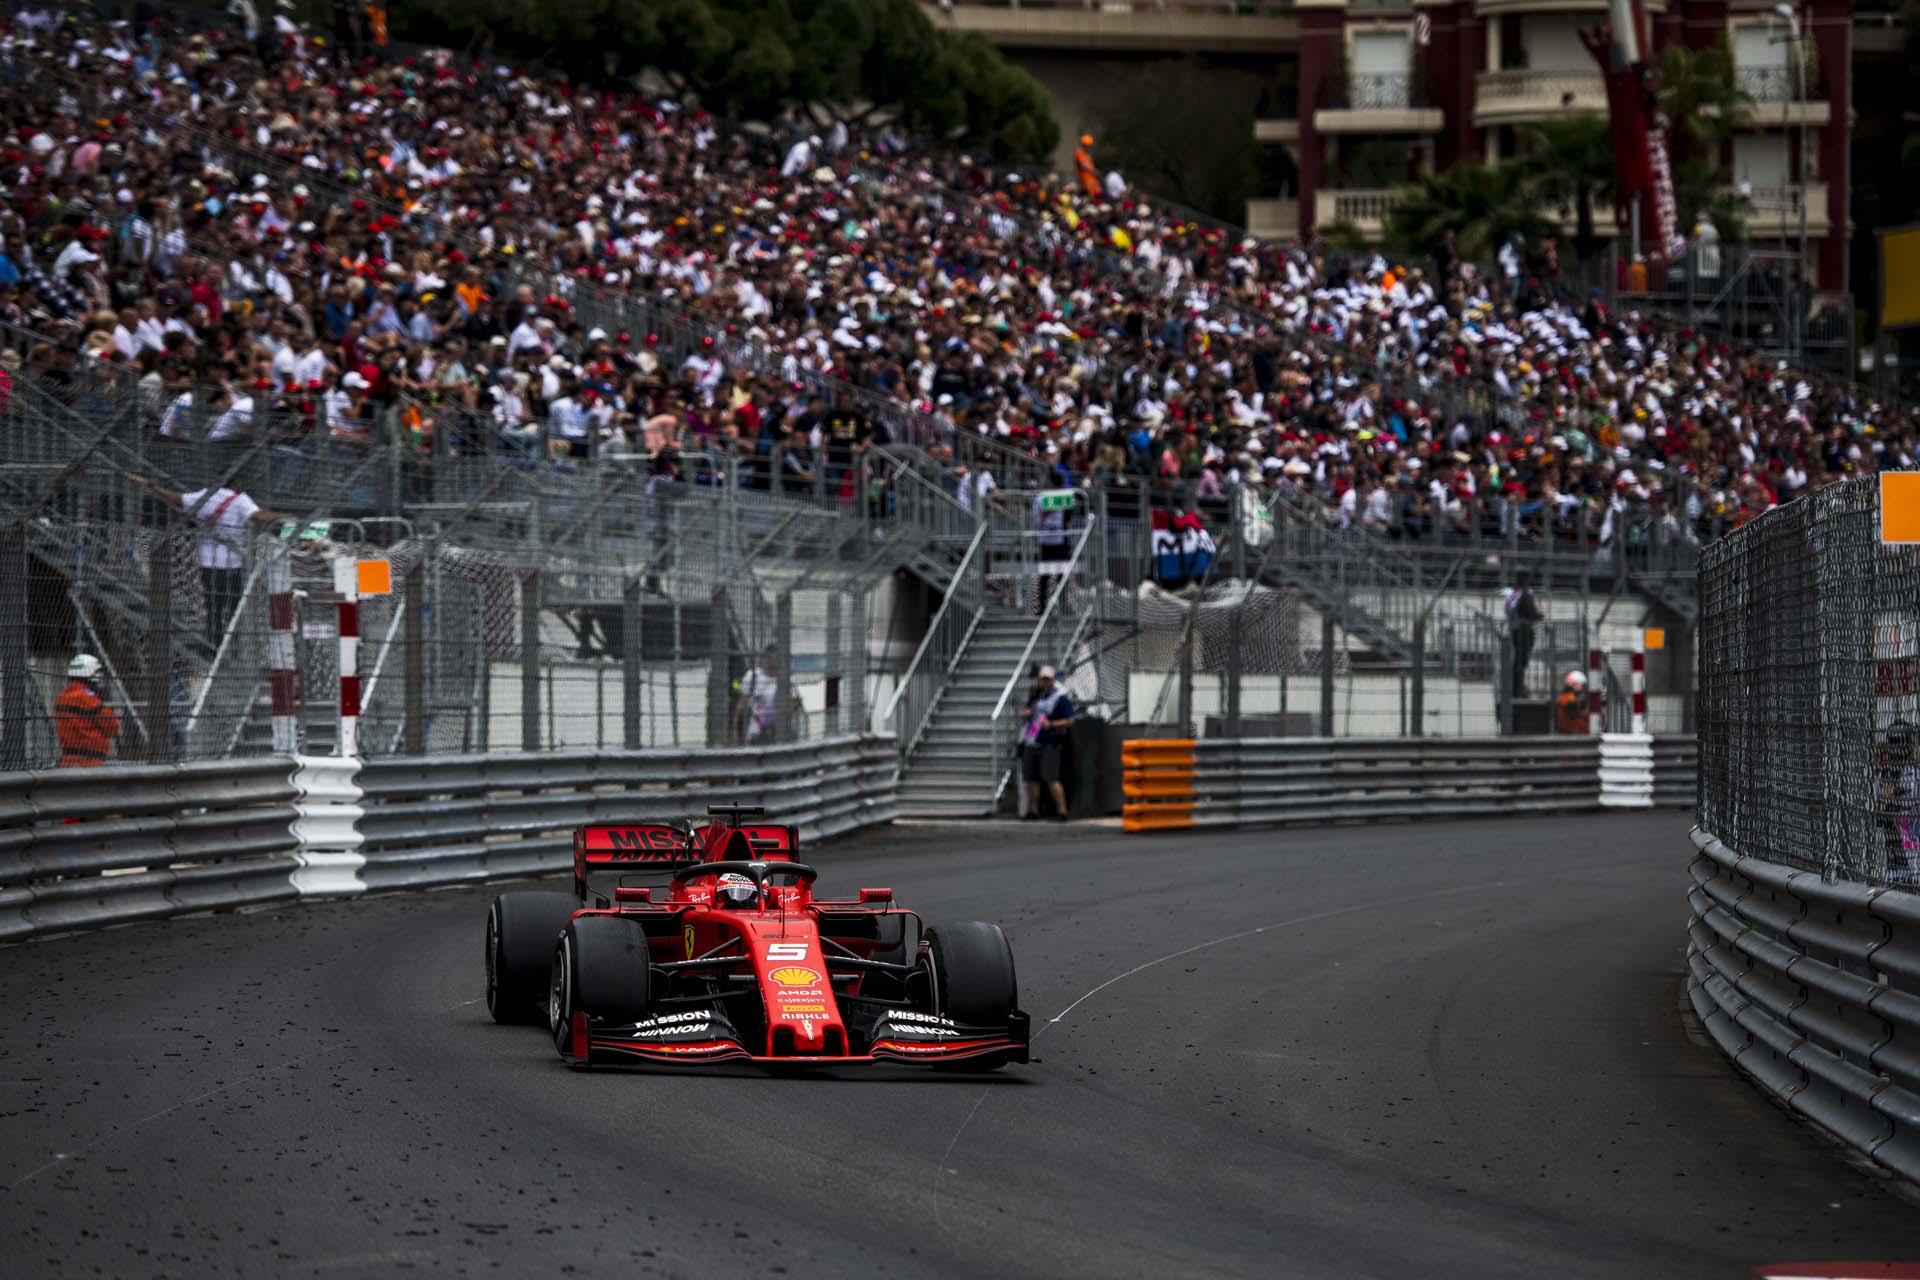 MonacoGP2019_SUN_Ferrari_190035_monaco